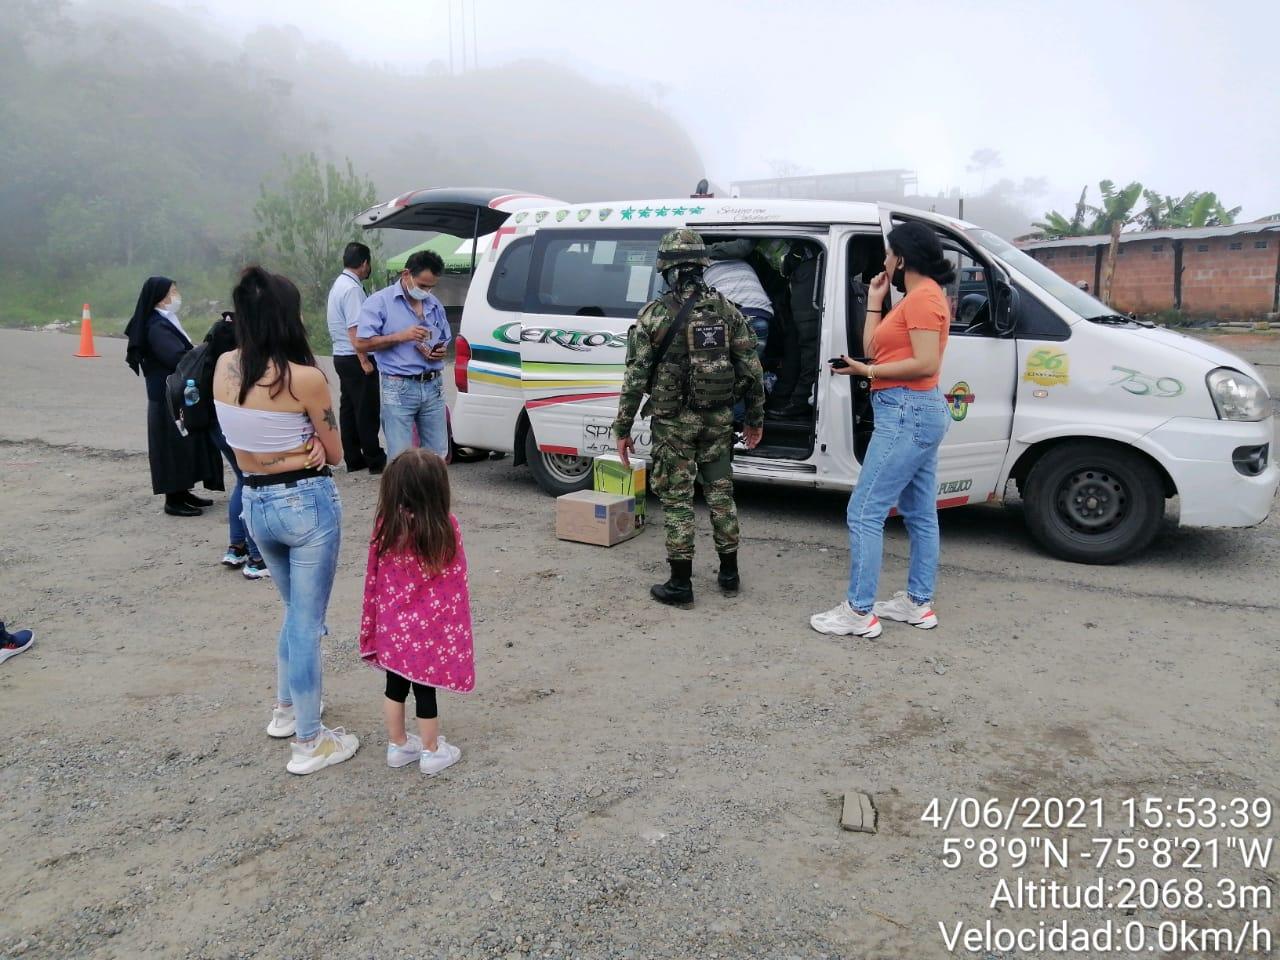 Tráfico de fauna silvestre: Cuatro loros murieron en una van de pasajeros